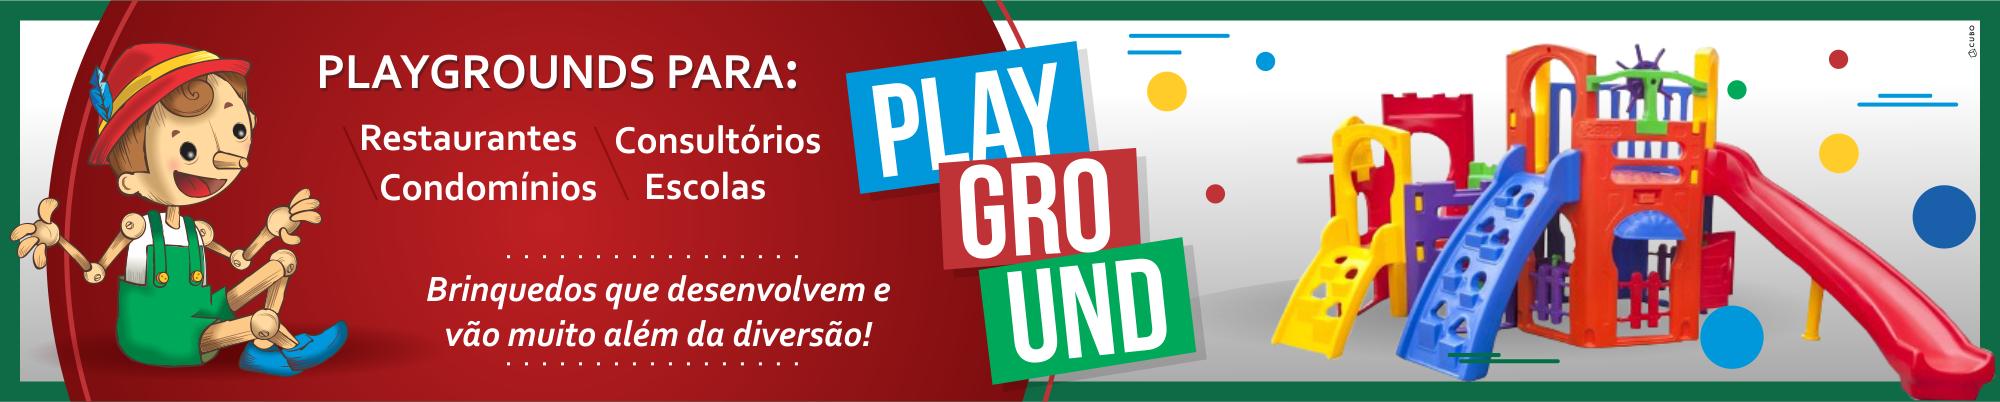 playground-61586455212992214431.png